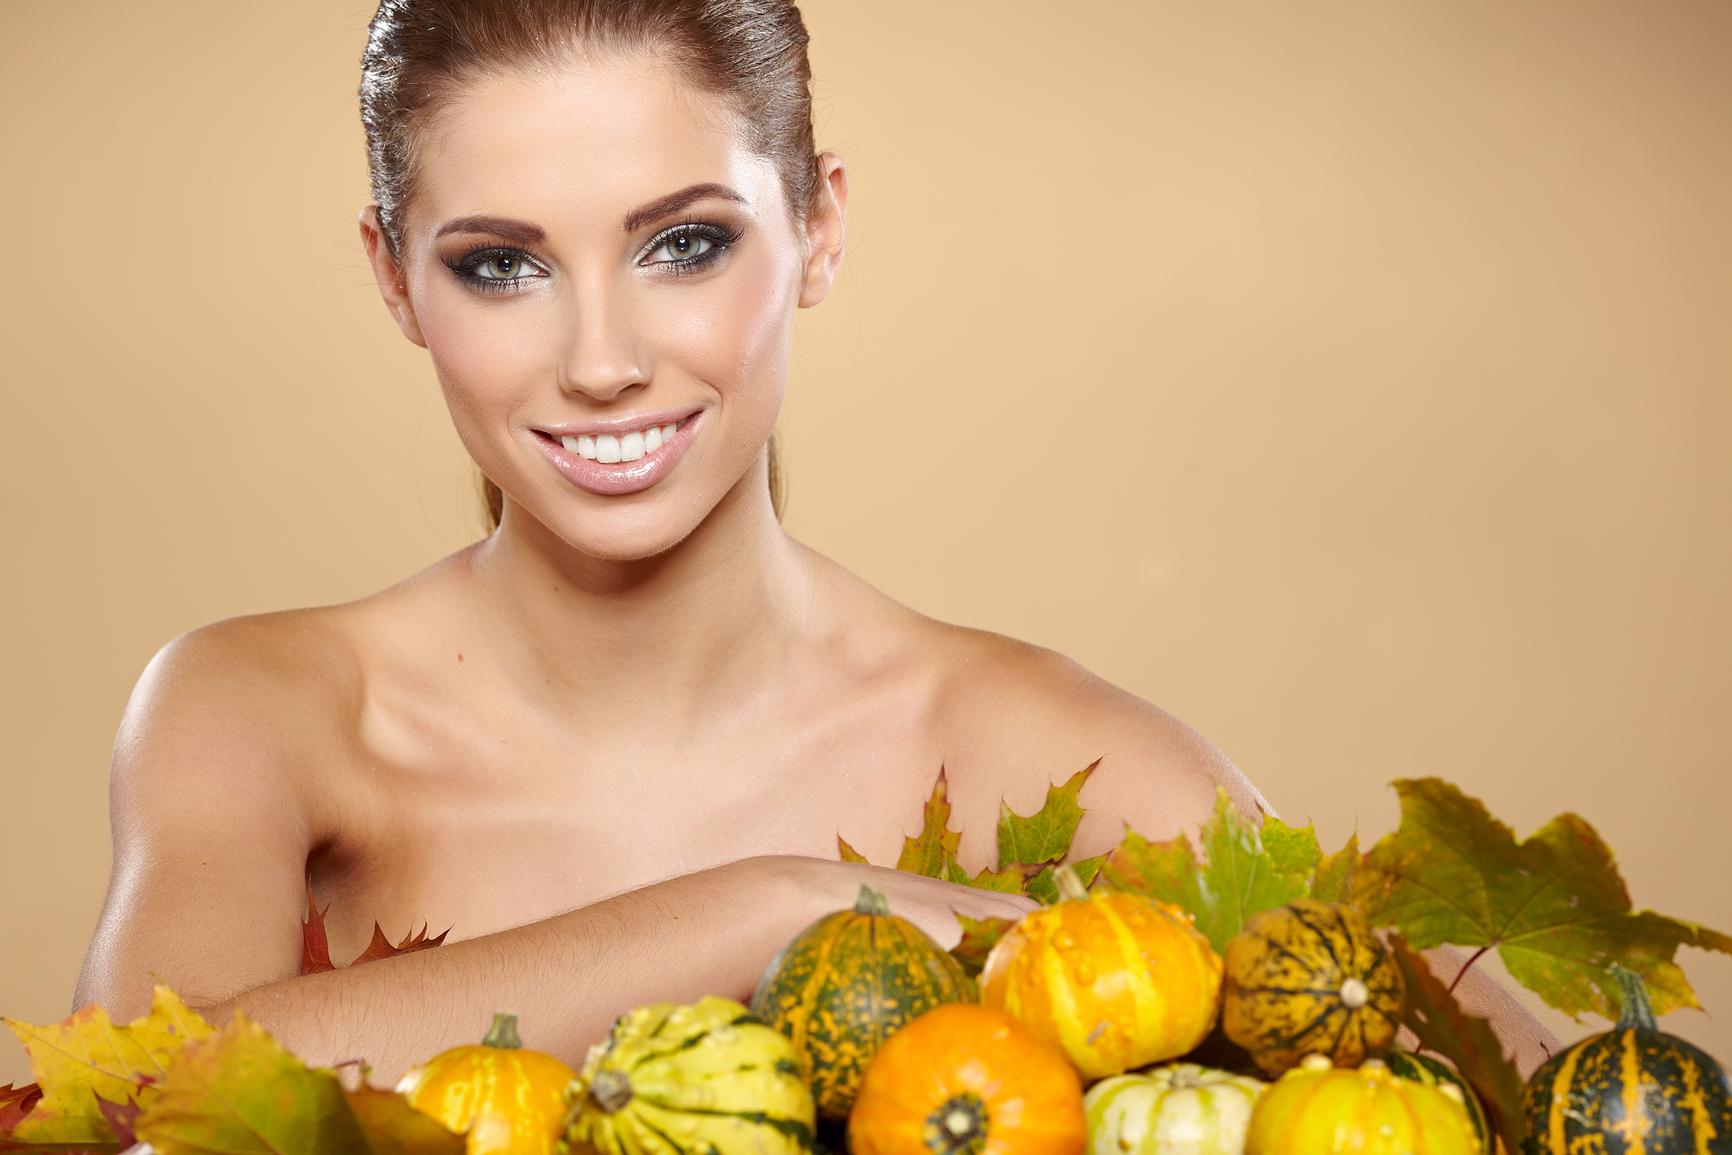 Маска из тыквы сделает твою кожу здоровой и сияющей